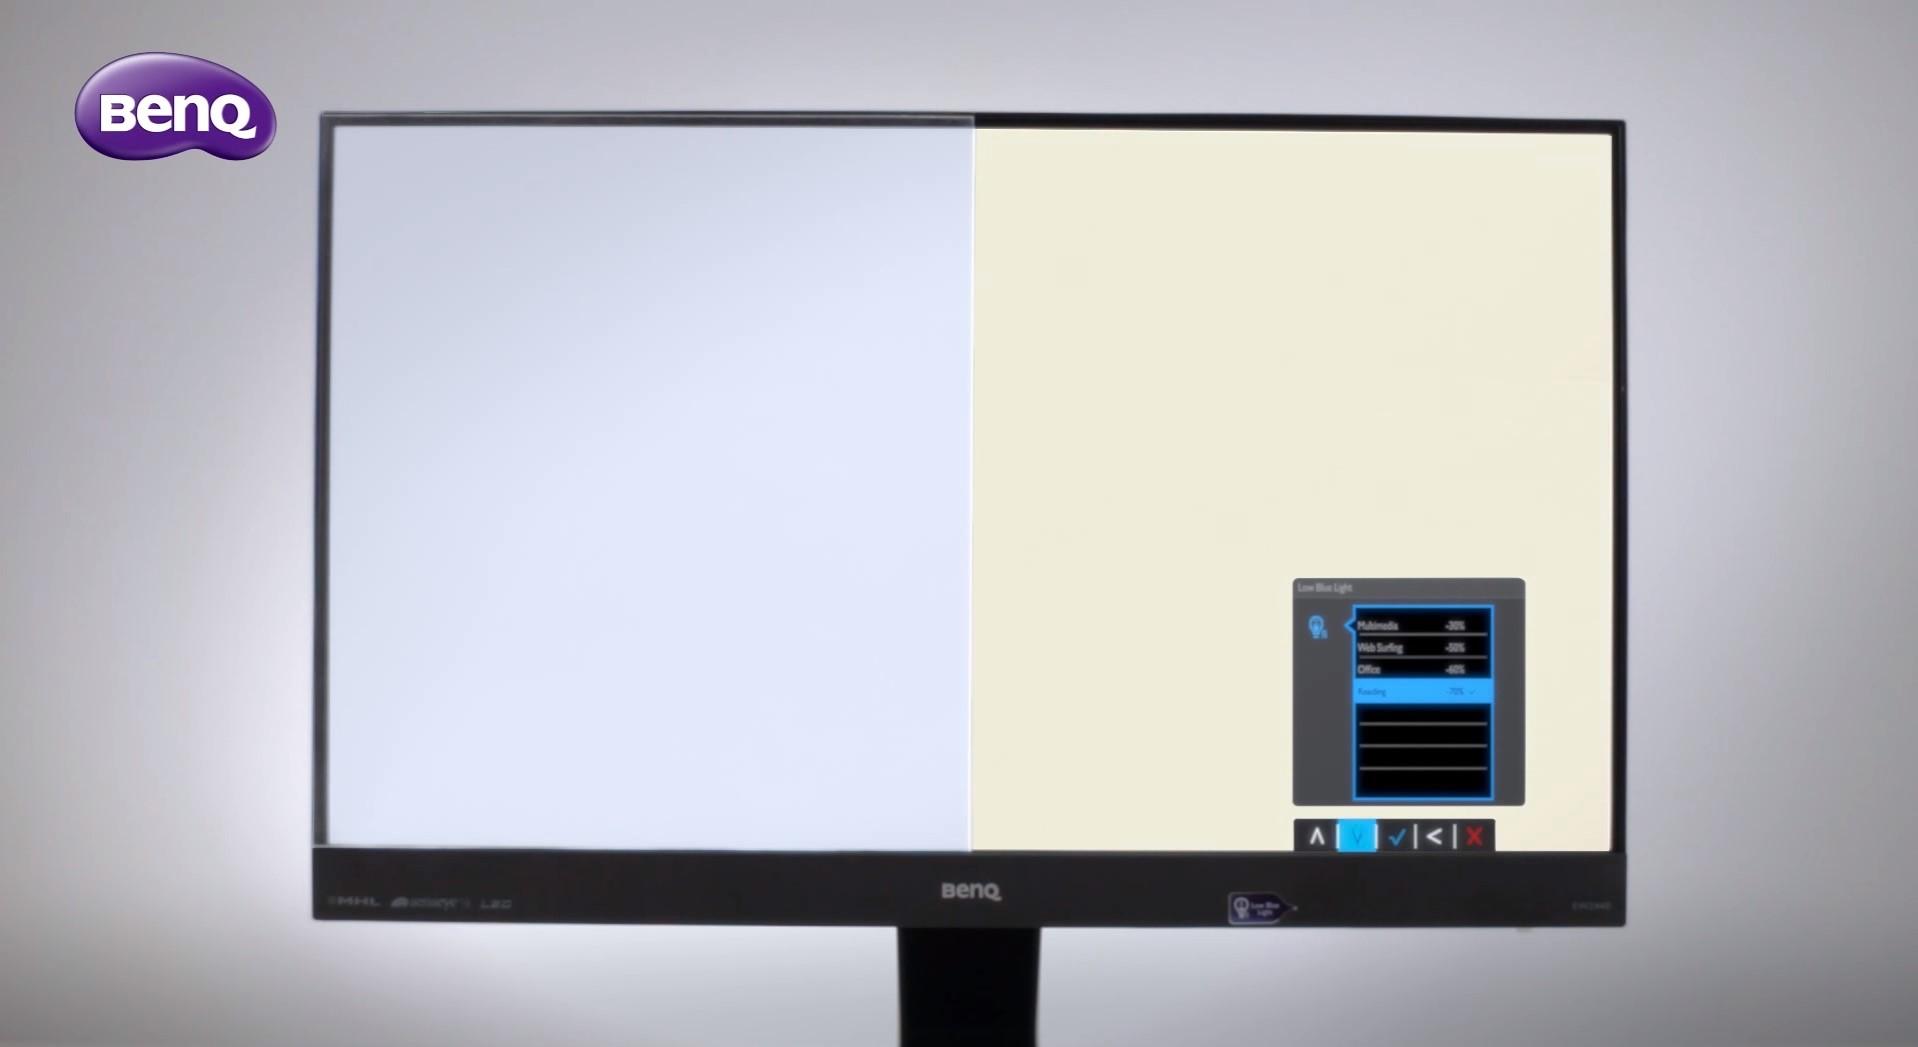 технологии фильтрации голубого света